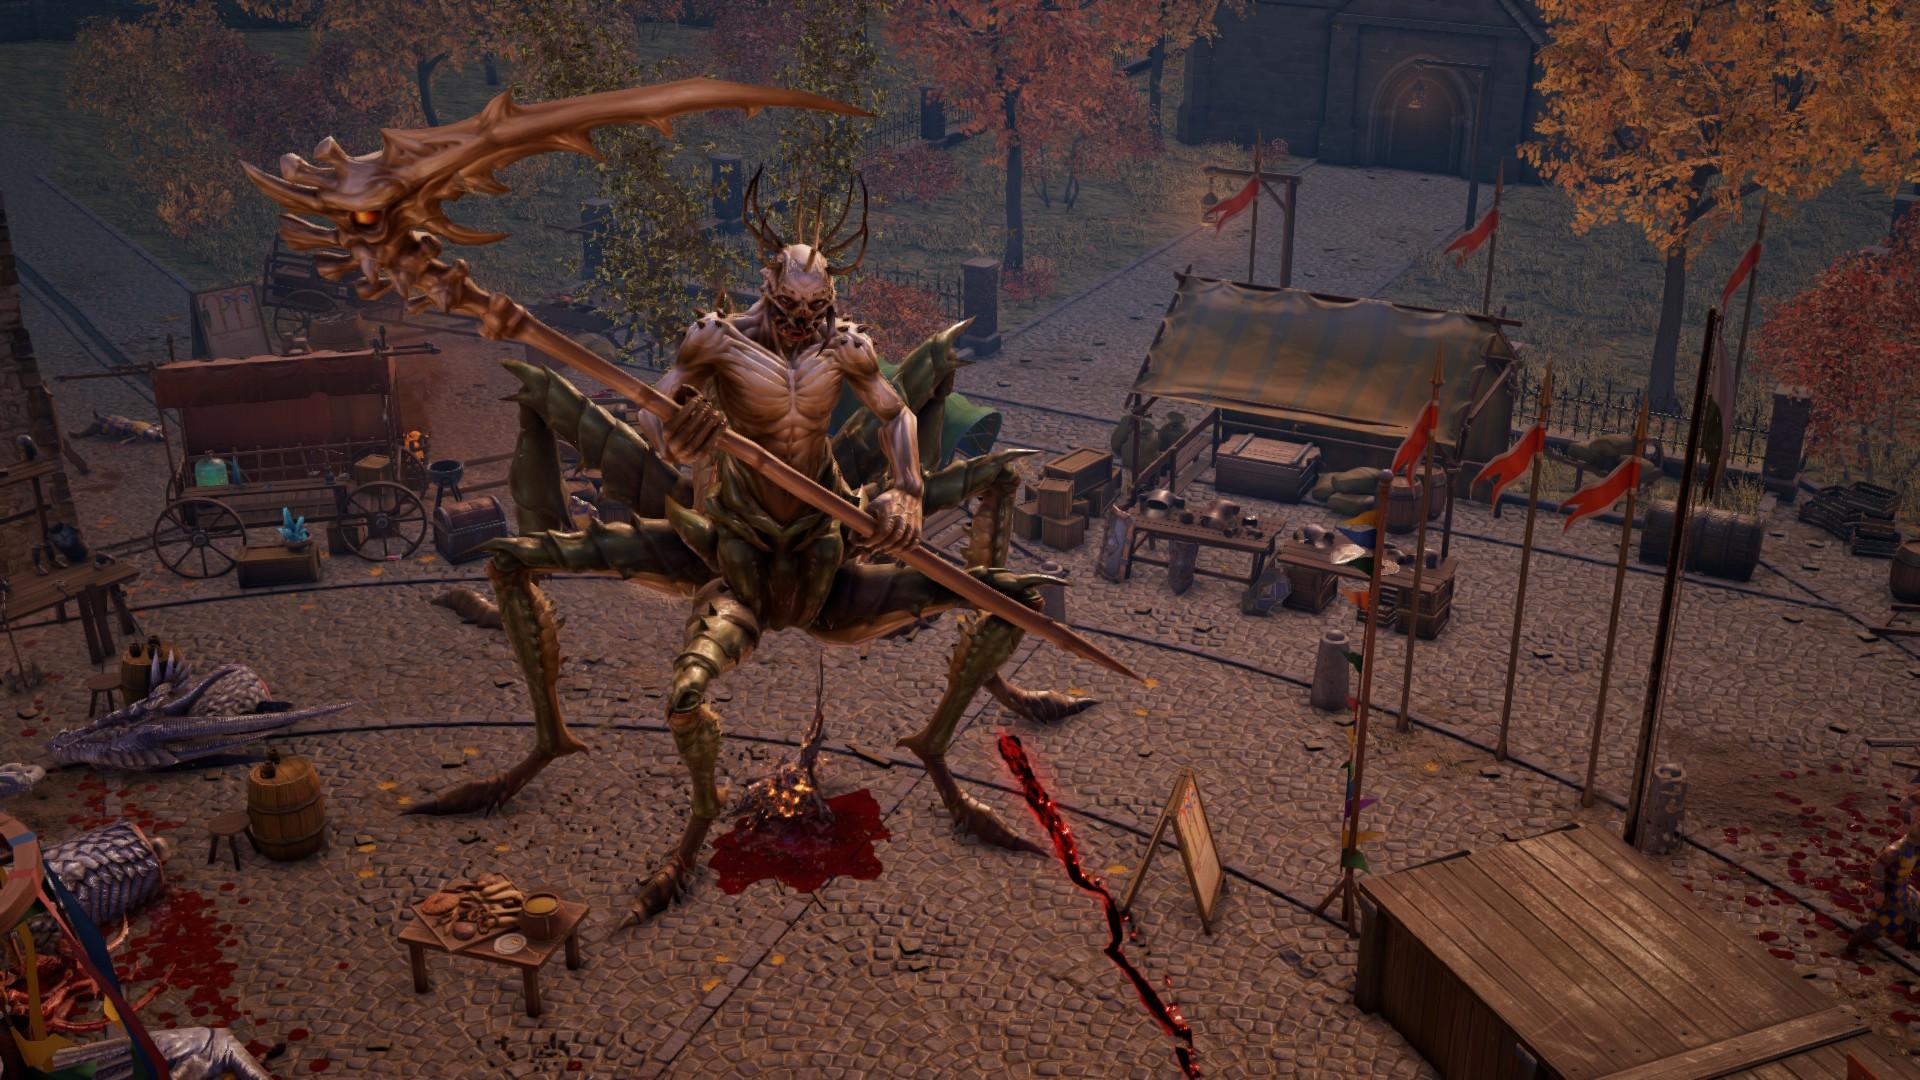 A locust demon holding a scythe